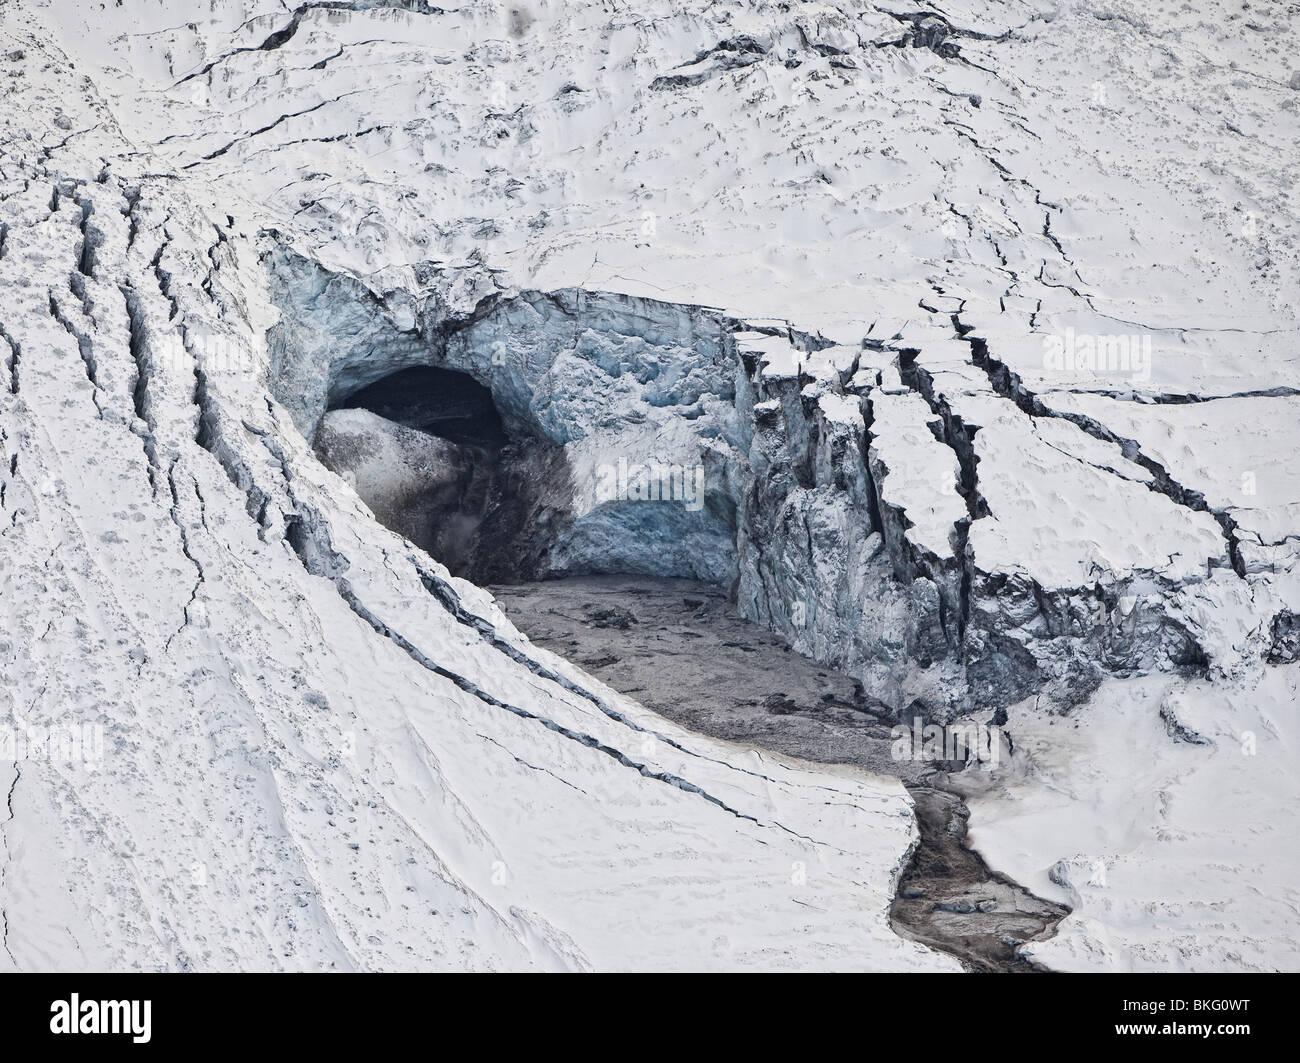 Gigjokull,-uscita dal ghiacciaio Eyjafjallajokull. Correndo acqua e inondazioni dovute a Eyjafjallajokull eruzione Immagini Stock